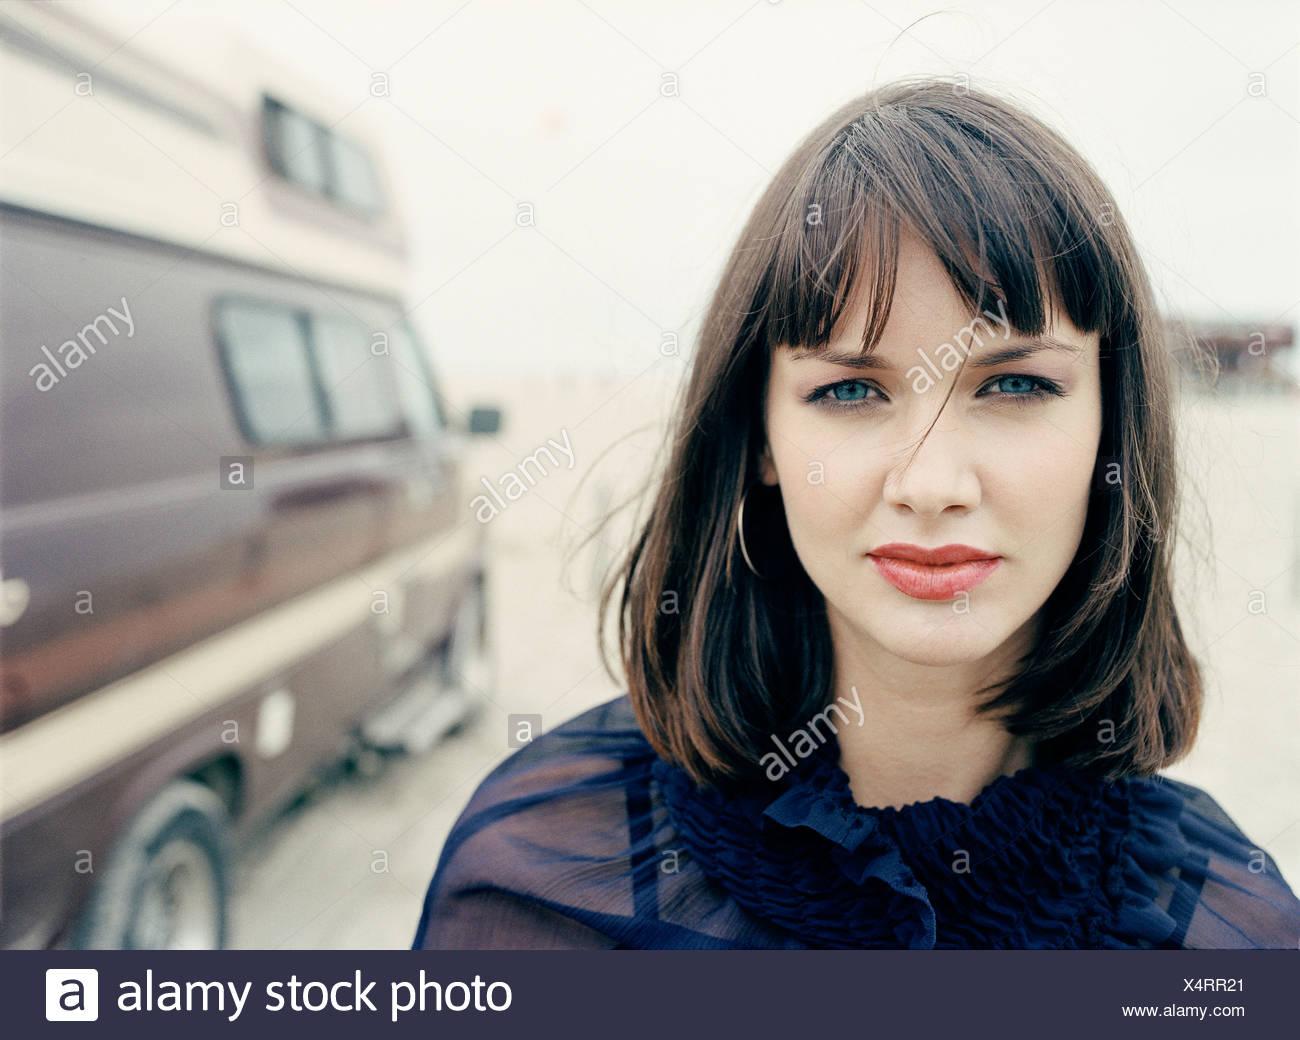 La donna da van, ritratto Immagini Stock